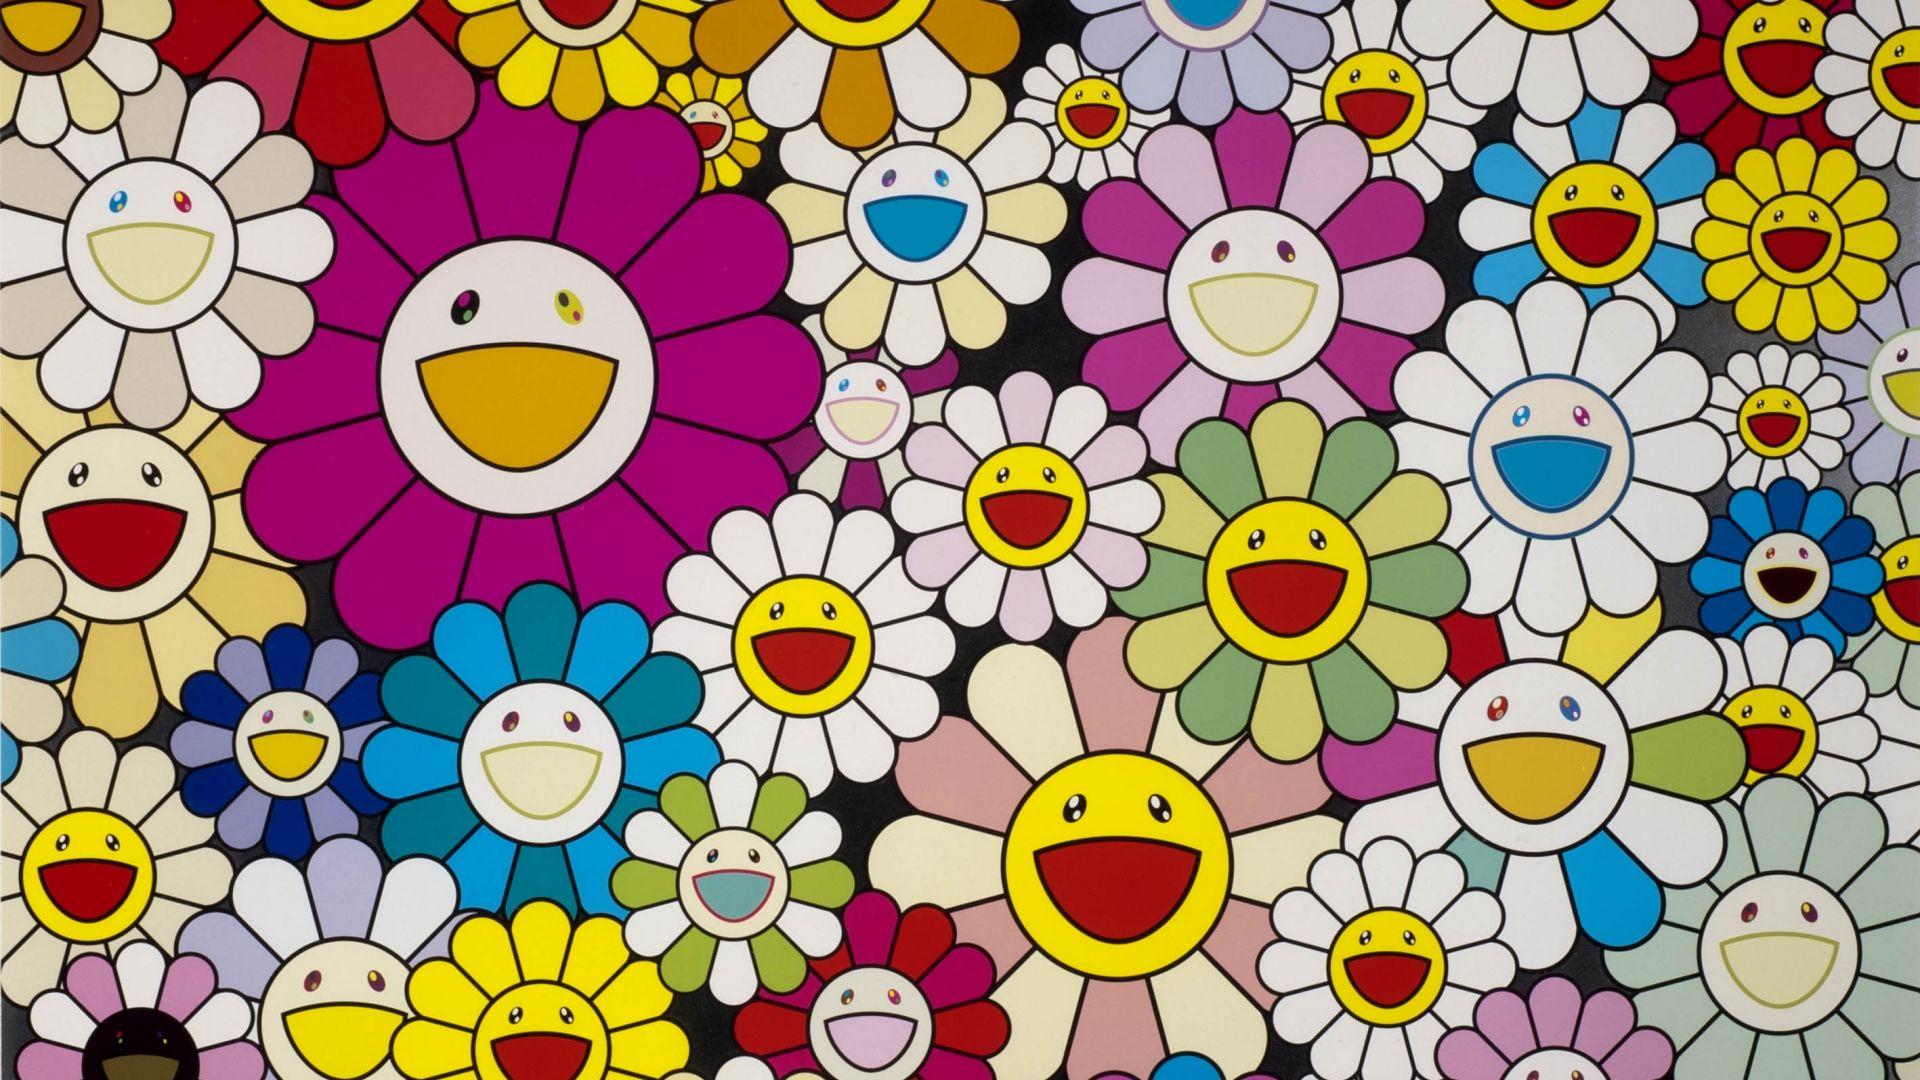 Takashi Murakami Desktop Wallpapers - Wallpaper Cave